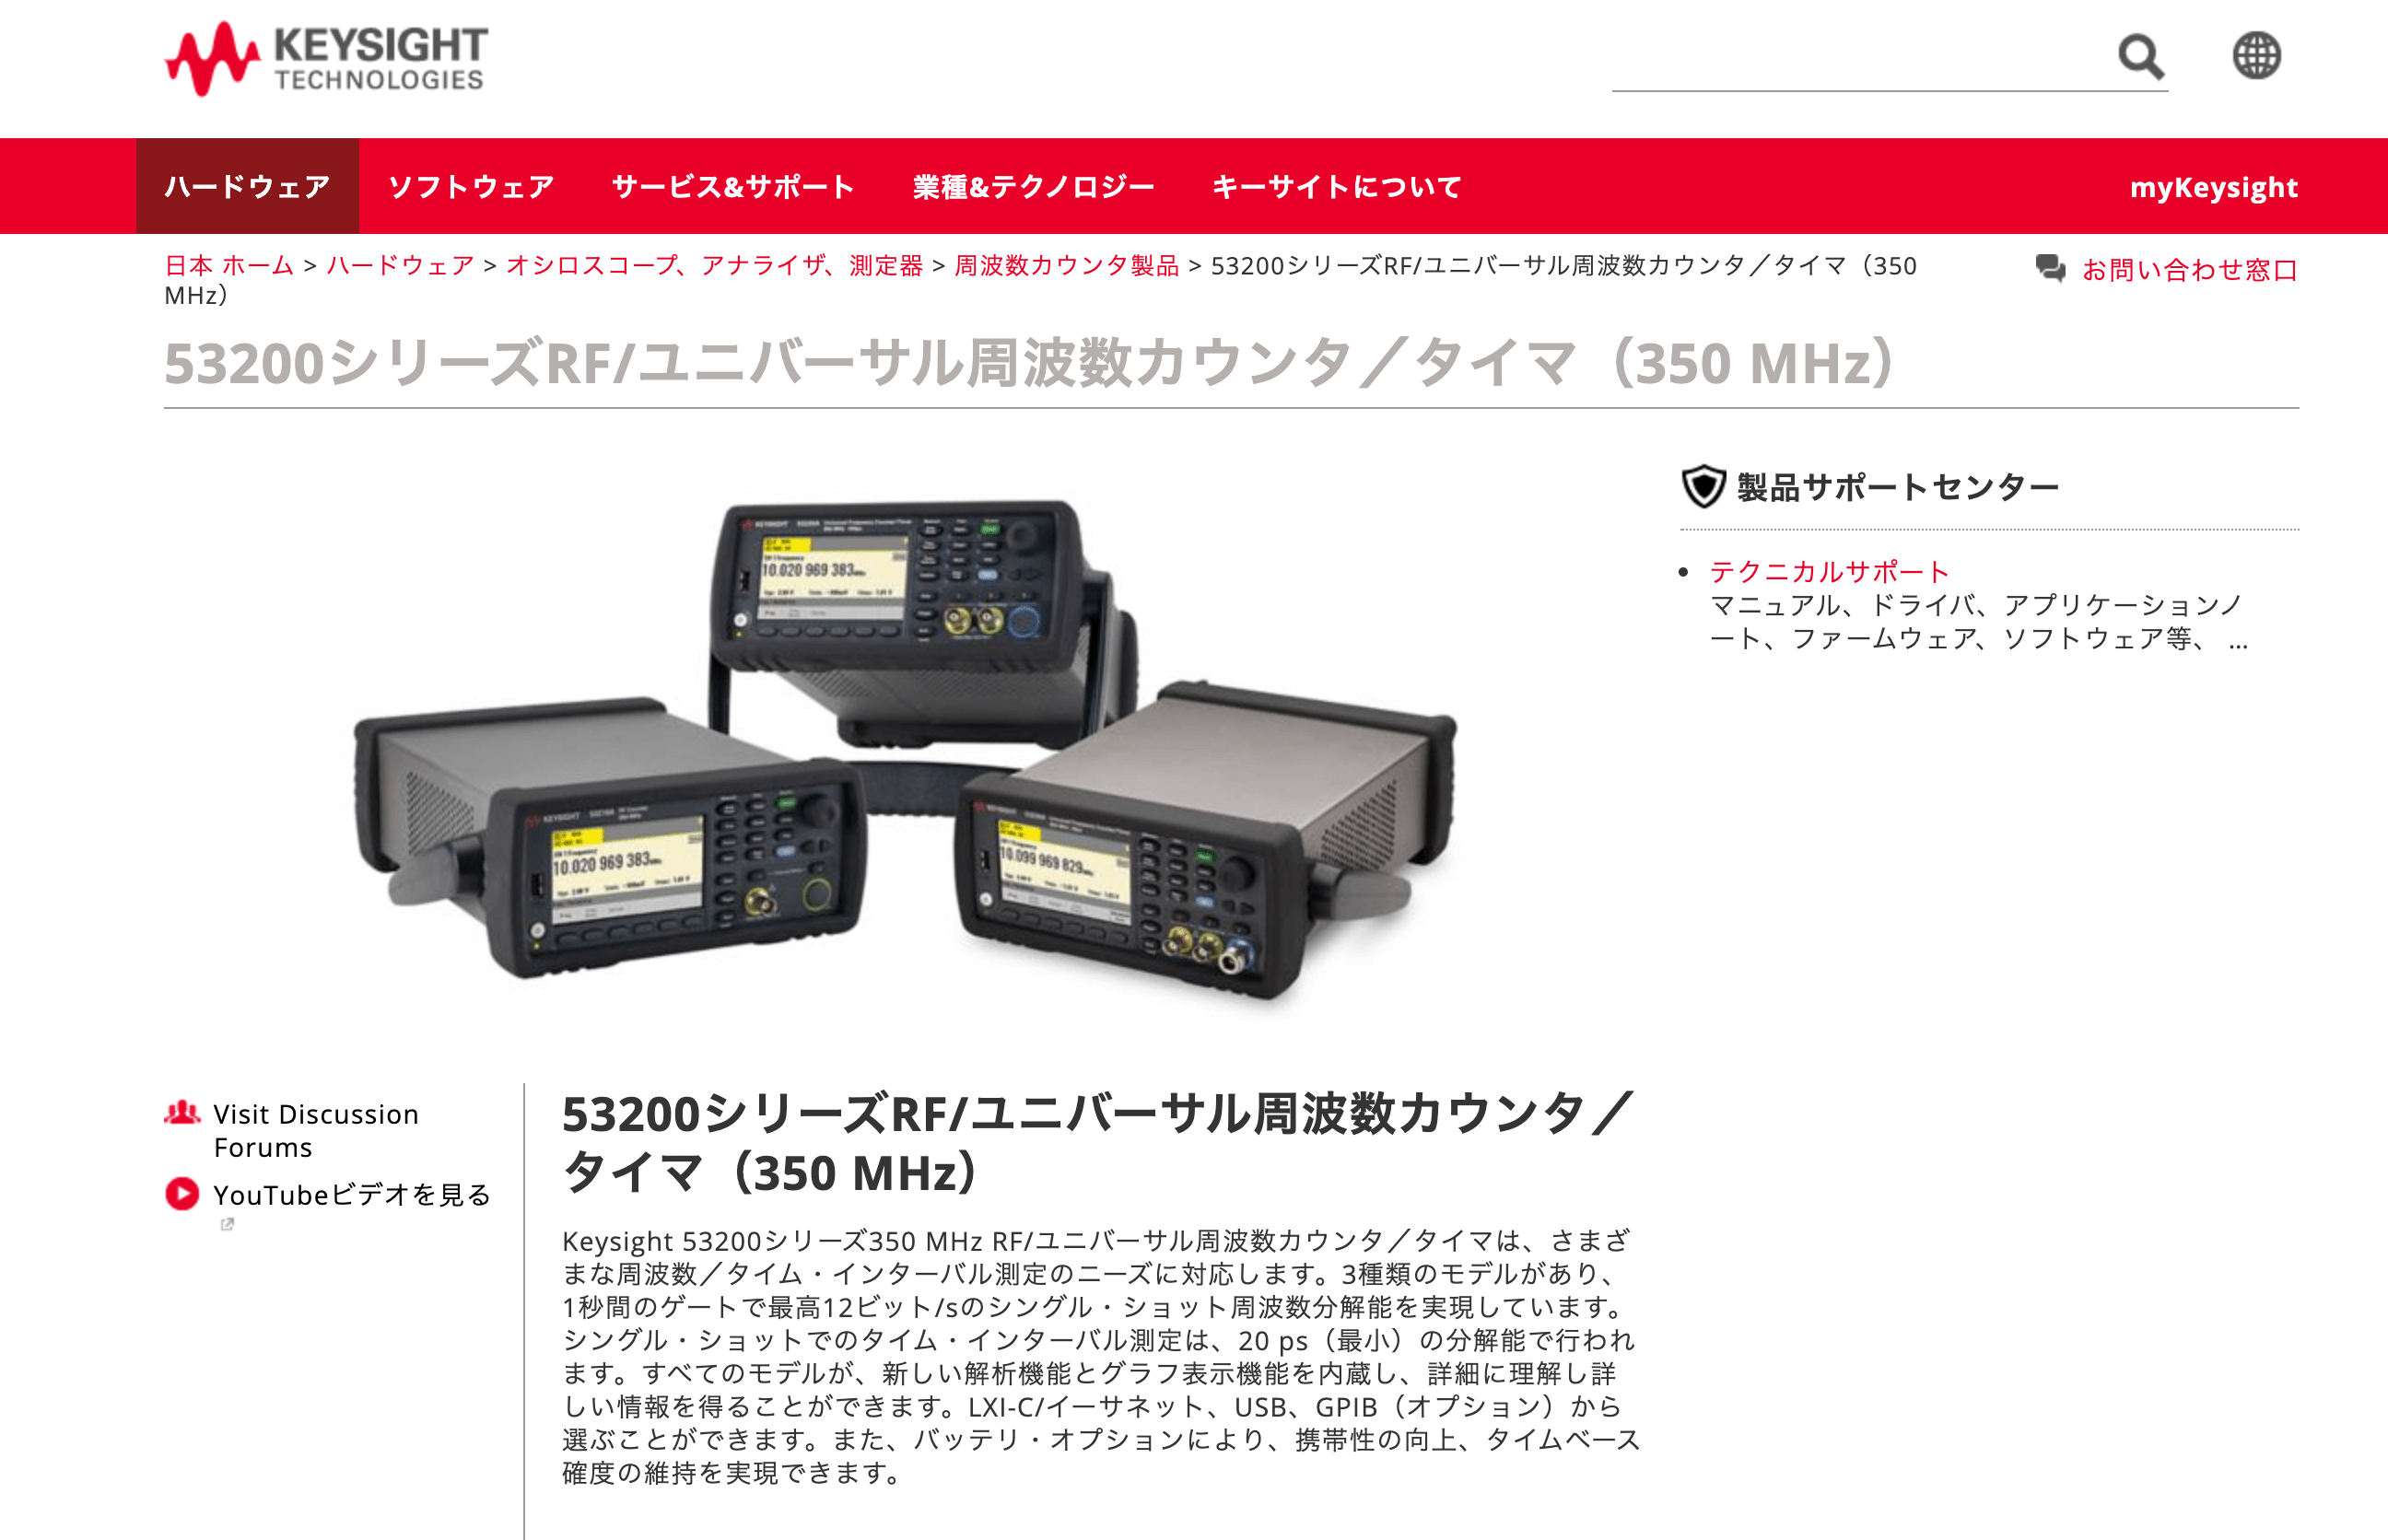 53200シリーズRF/ユニバーサル周波数カウンタ/タイマ(350